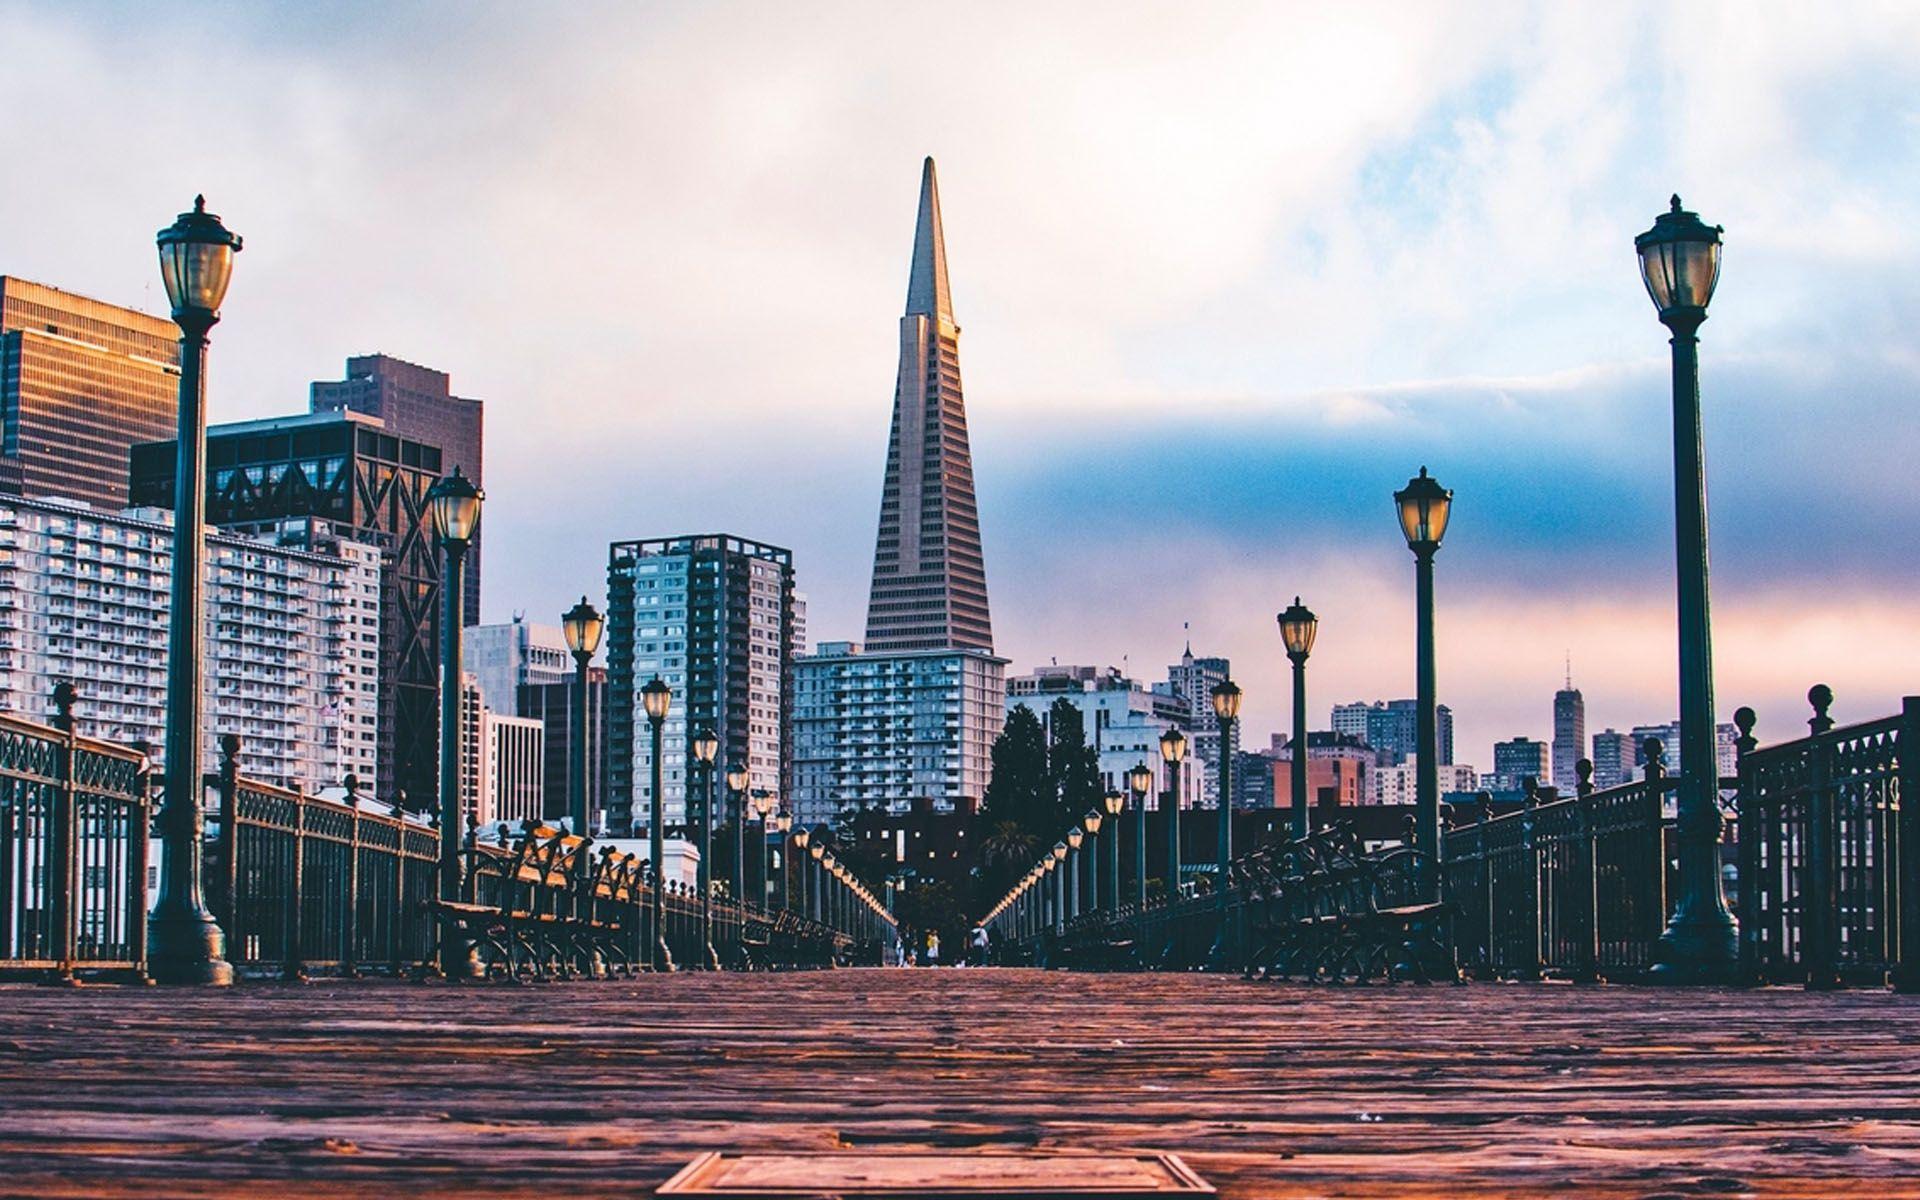 San Francisco time HD wallpaper | Hd wallpaper, Wallpaper